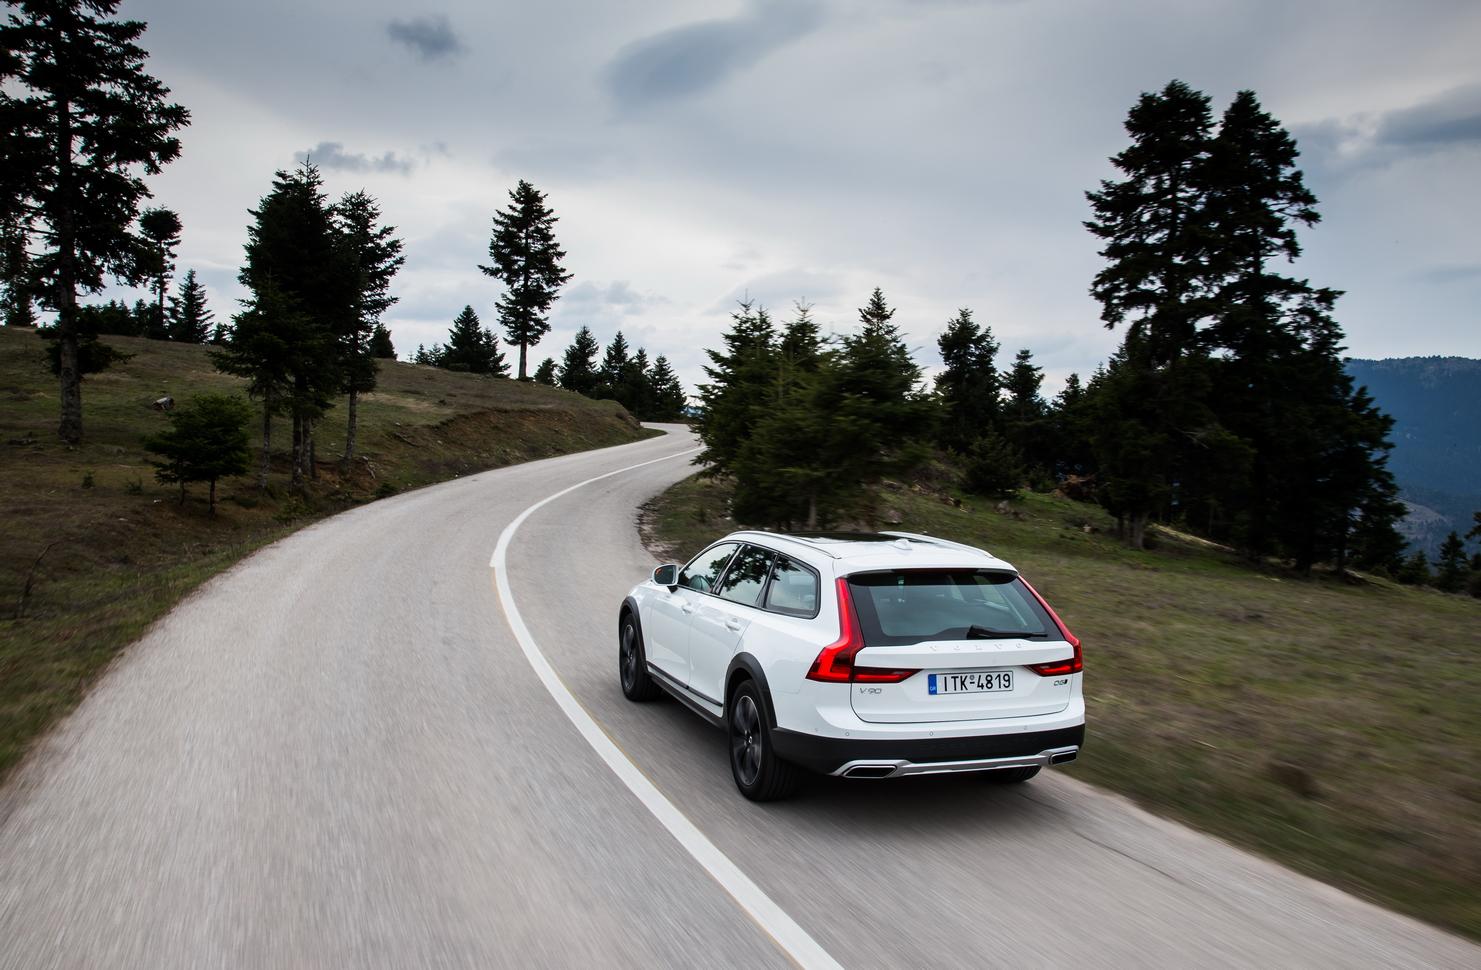 V902BCROSS2BCOUNTRY2B28 Το Volvo V90 Cross Country απευθύνεται σε ανήσυχους εξερευνητές της περιπέτειας! Crossover, Volvo, Volvo Car Hellas, Volvo Cars, Volvo V70 XC, Volvo V90 Cross Country, Volvo XC70